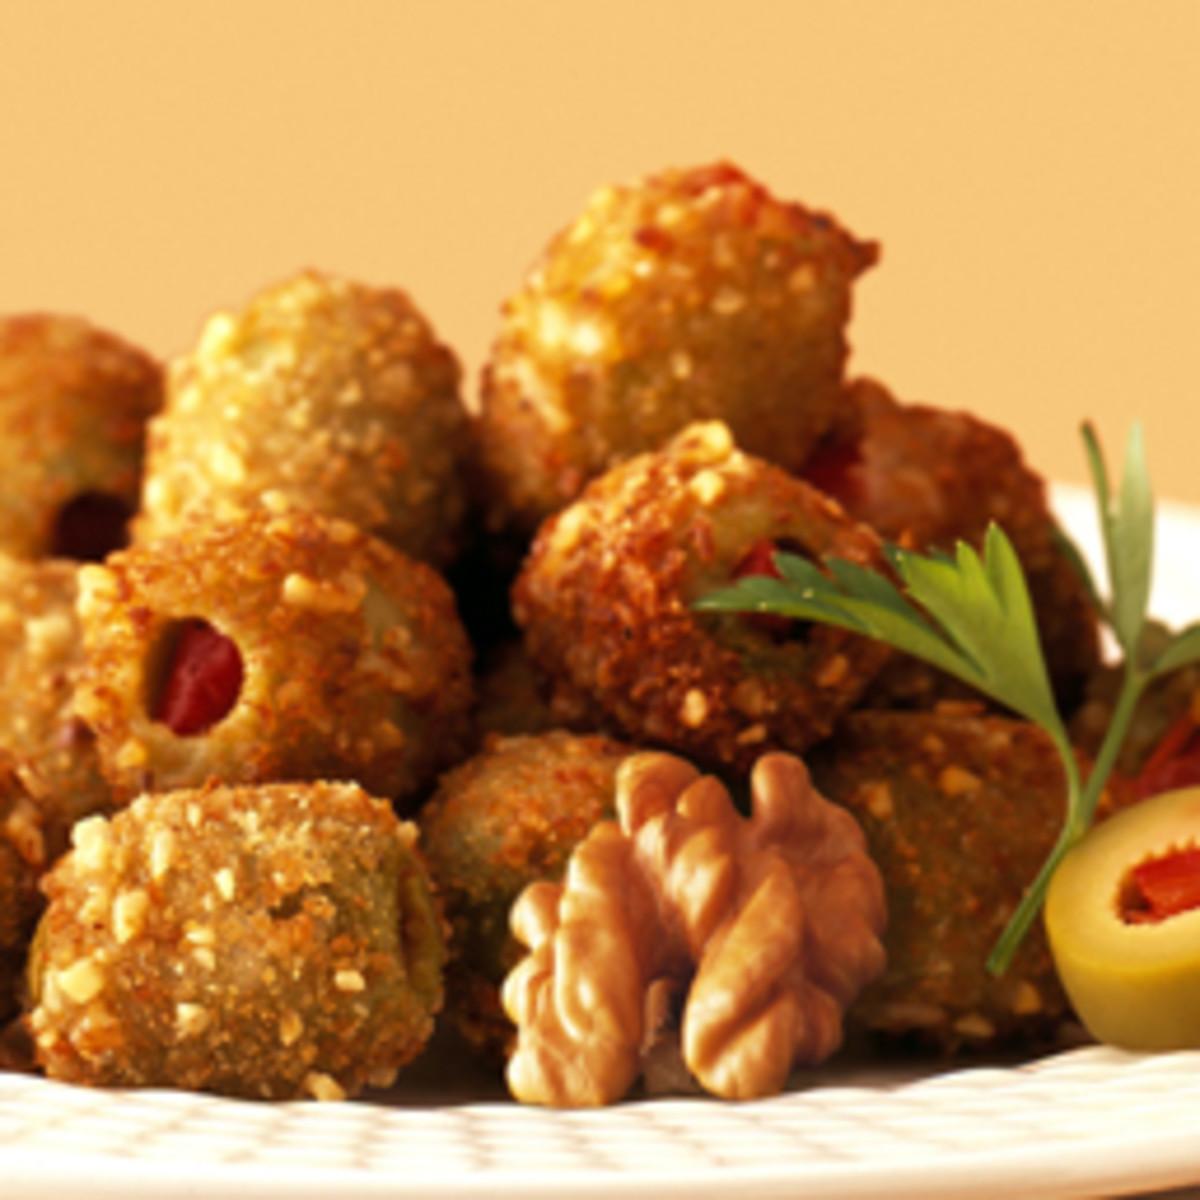 Charlie Palmer's Walnut Coated Crisp Olives